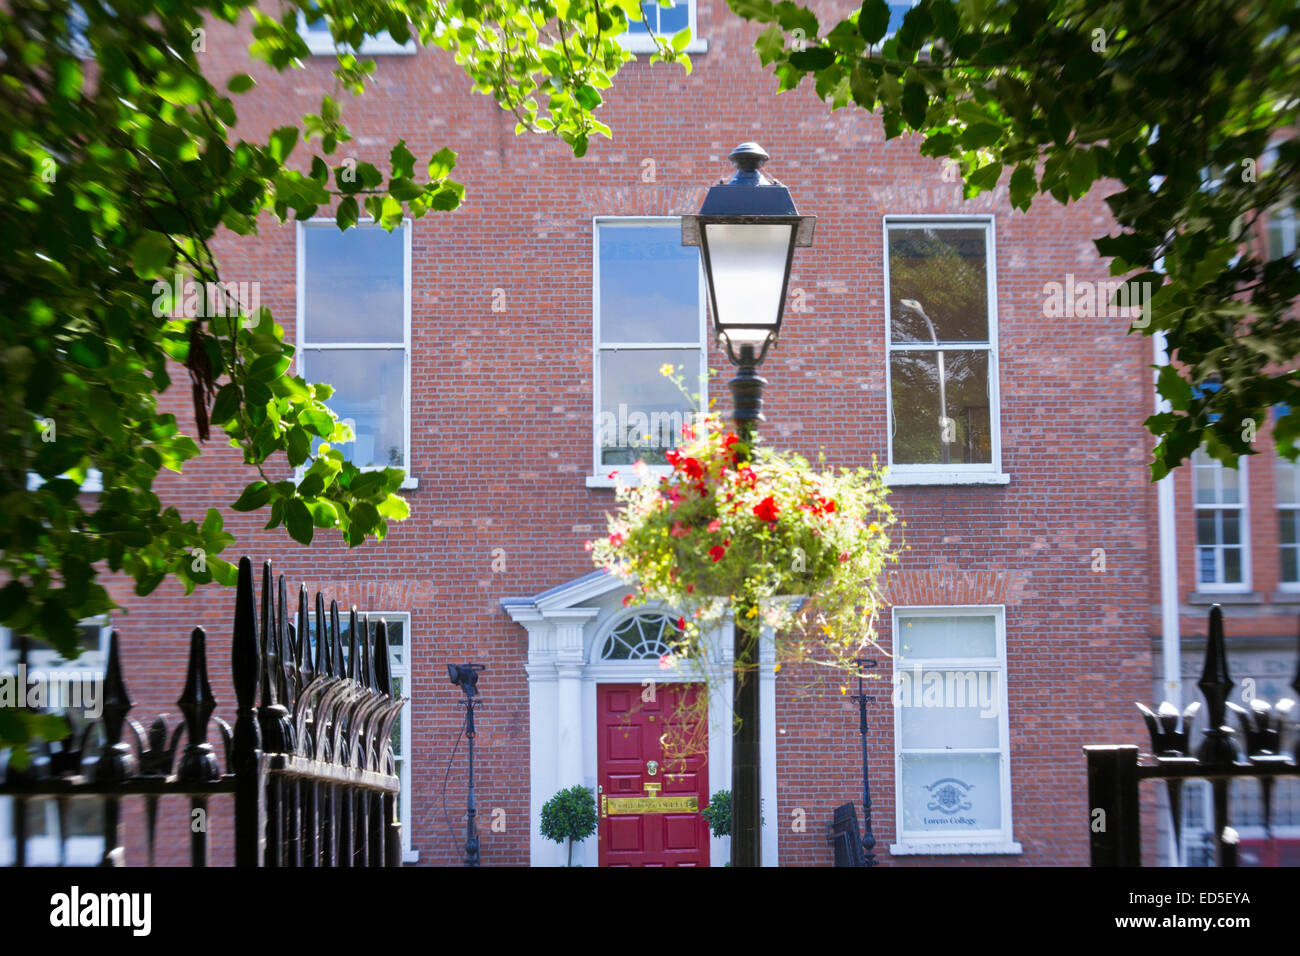 Lampe, geschmückt mit Blumen, umrahmt von Bäumen in der Stadt Dublin ...